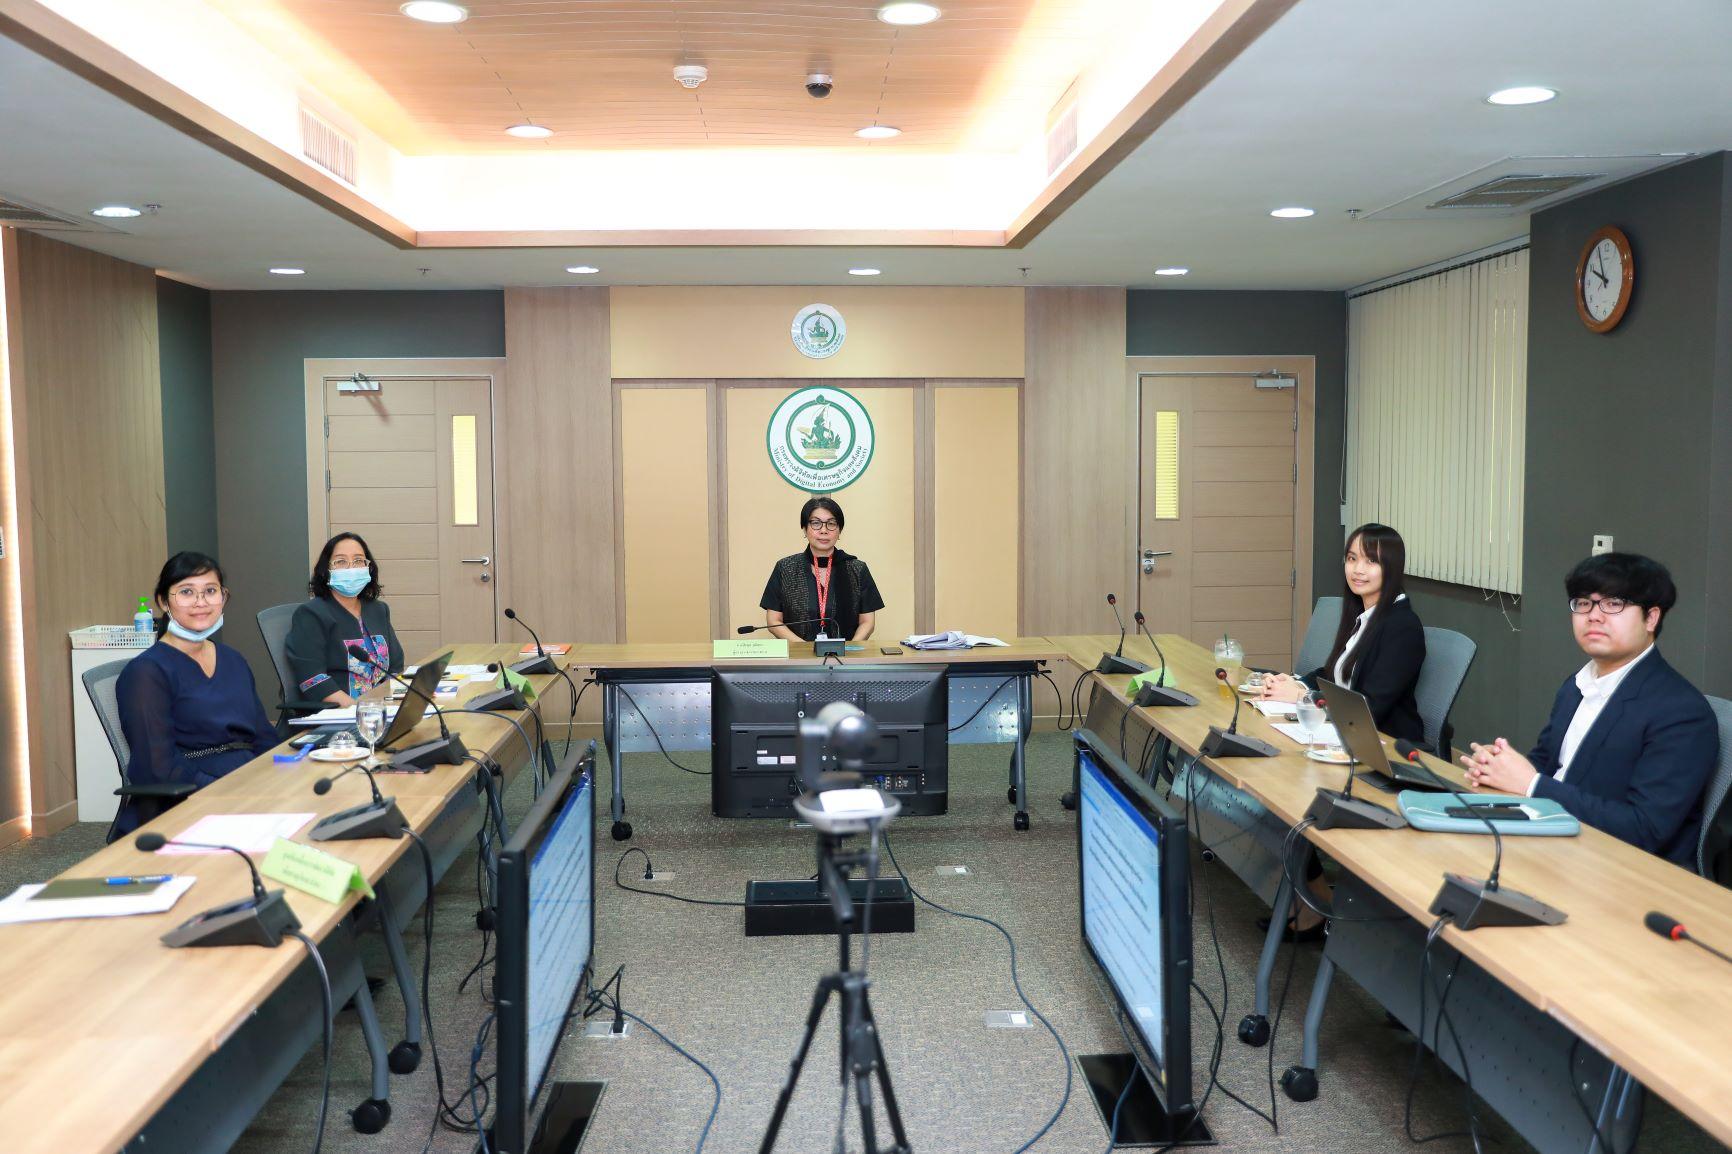 ดีอีเอส ร่วม TDRI ศึกษาความพร้อมของไทย ก่อนเข้าเป็นภาคีอนุสัญญา ว่าด้วยการคุ้มครองและการส่งเสริมความหลากหลายของการแสดงออกทางวัฒนธรรม